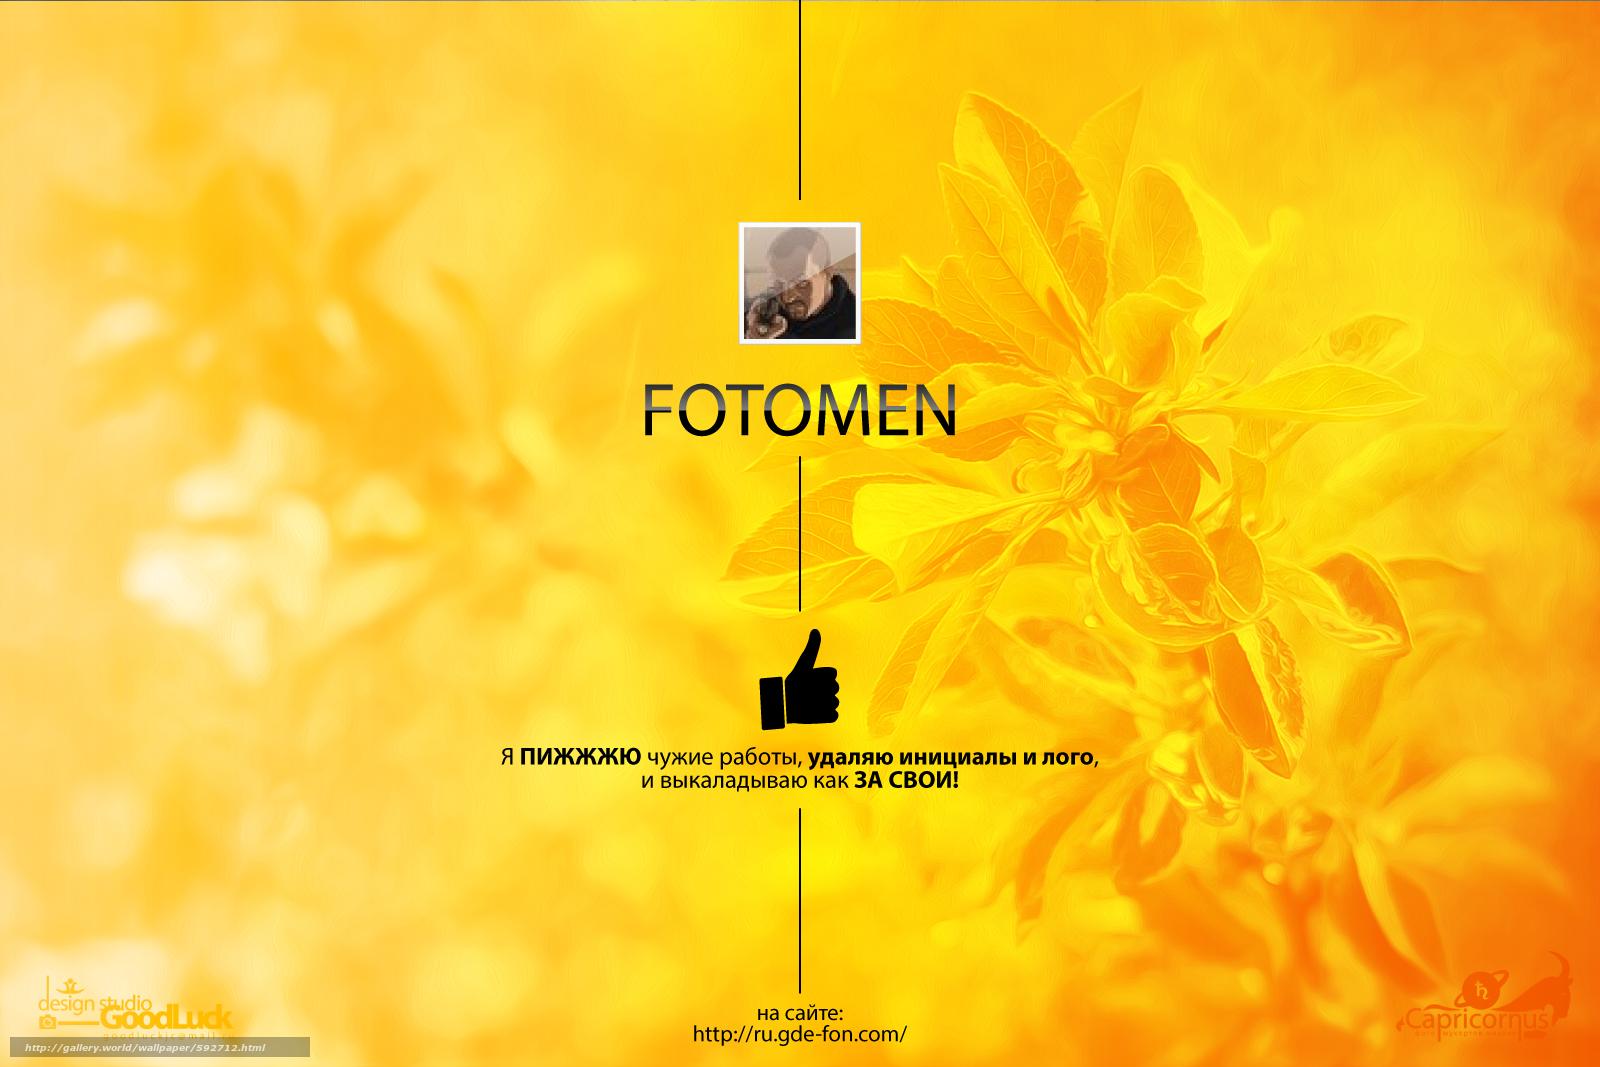 壁紙をダウンロード Fotomen 密告者 他の人の作品 イニシャルを削除 デスクトップの解像度のための無料壁紙 1600x1067 絵